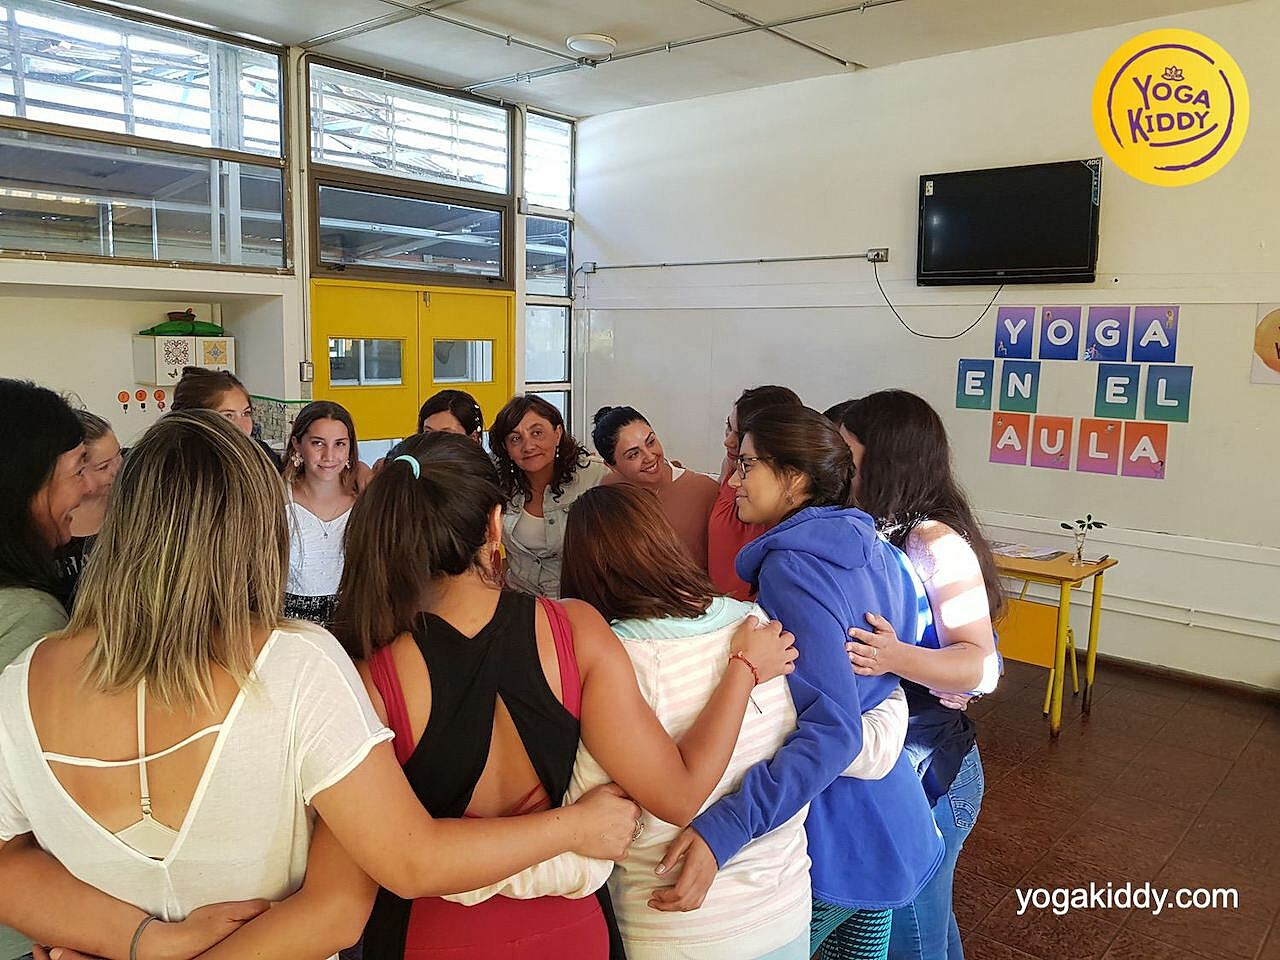 yoga en el aula sala de clase yogakiddy 0000